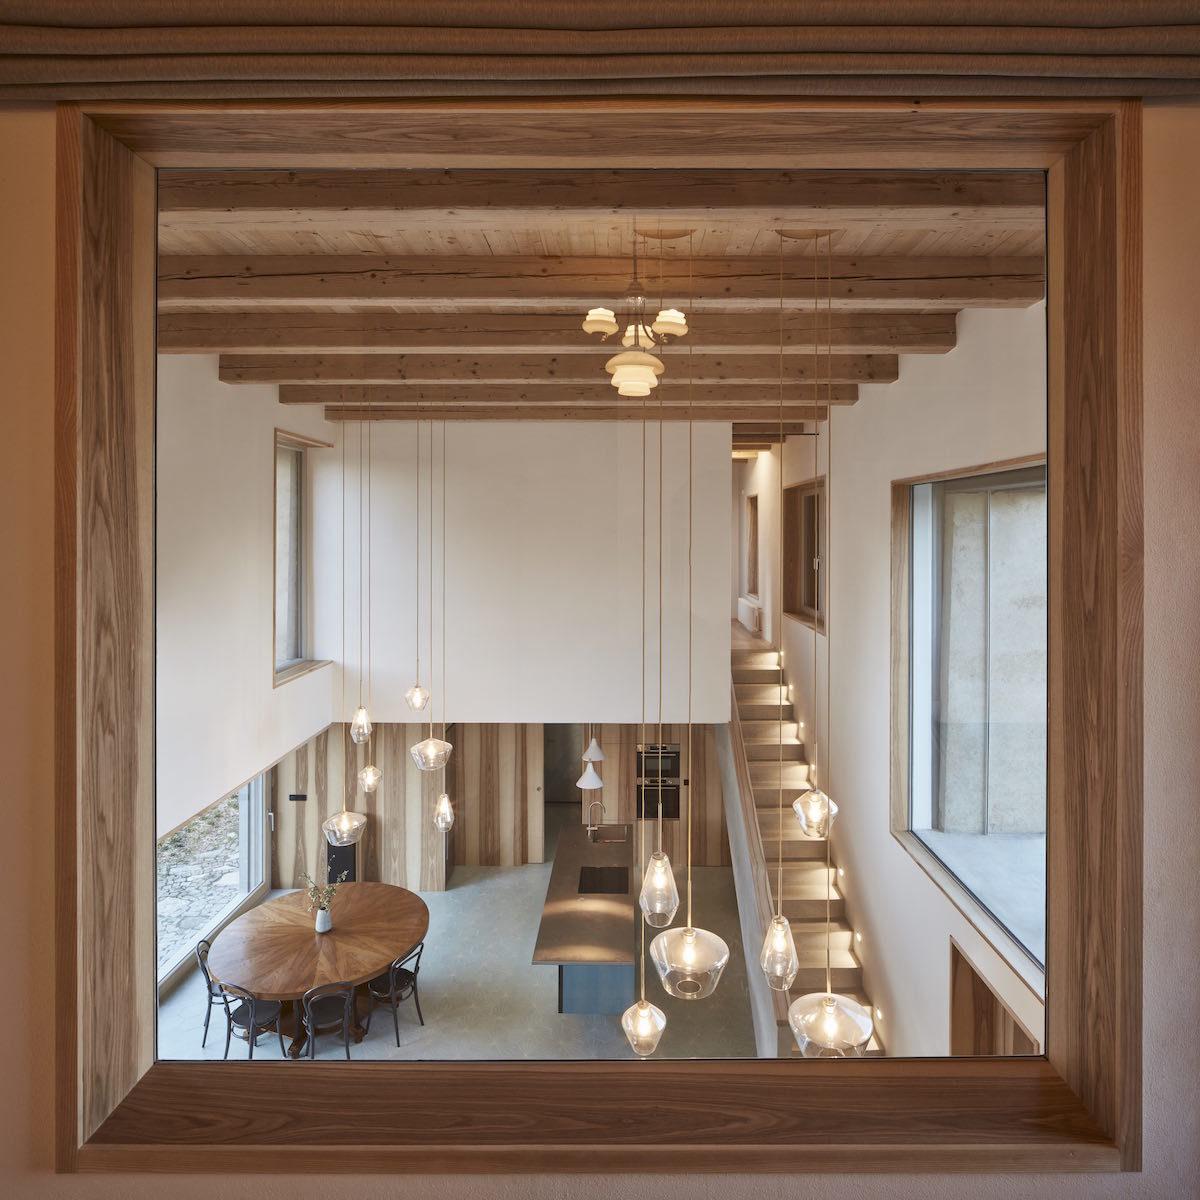 Pohled do otevřeného prostoru kuchyně